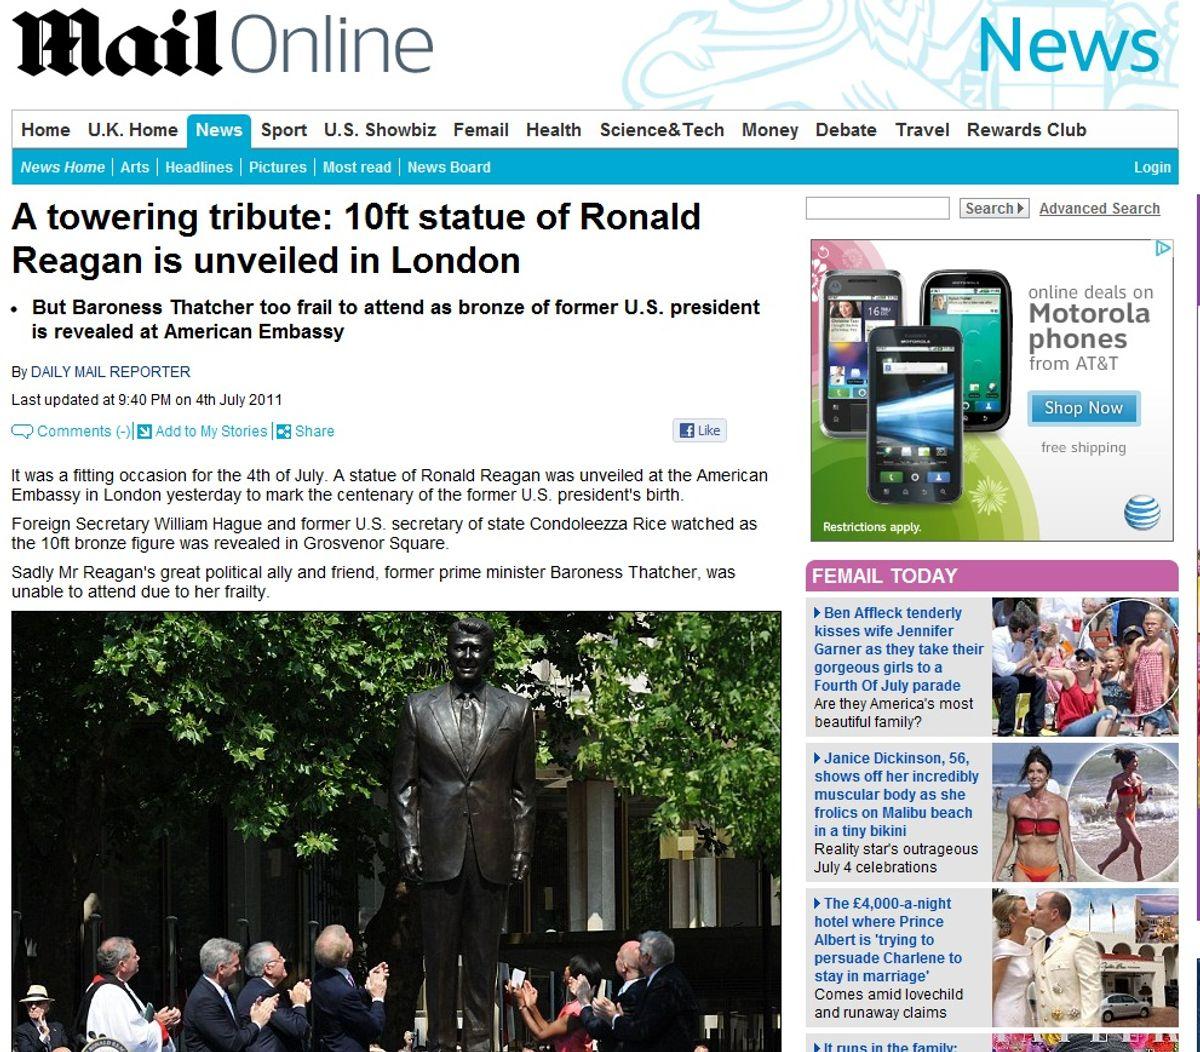 Poor Baroness Thatcher!